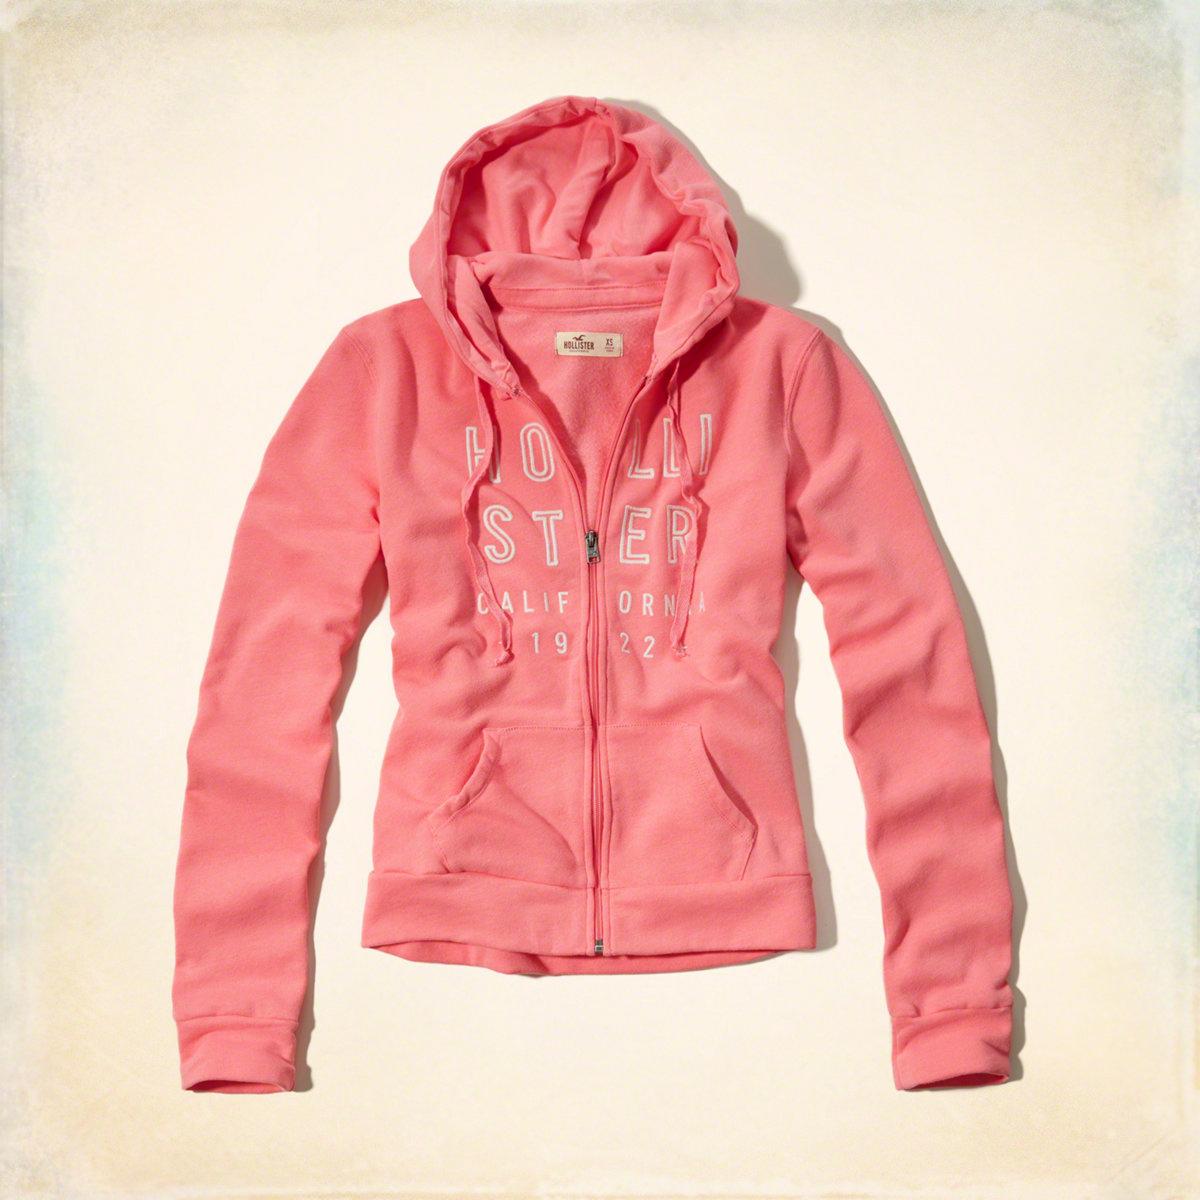 美國百分百【全新真品】Hollister Co. 外套 HCO 連帽 長袖 夾克 海鷗 刷毛 粉紅色 女 特價 M號 F823